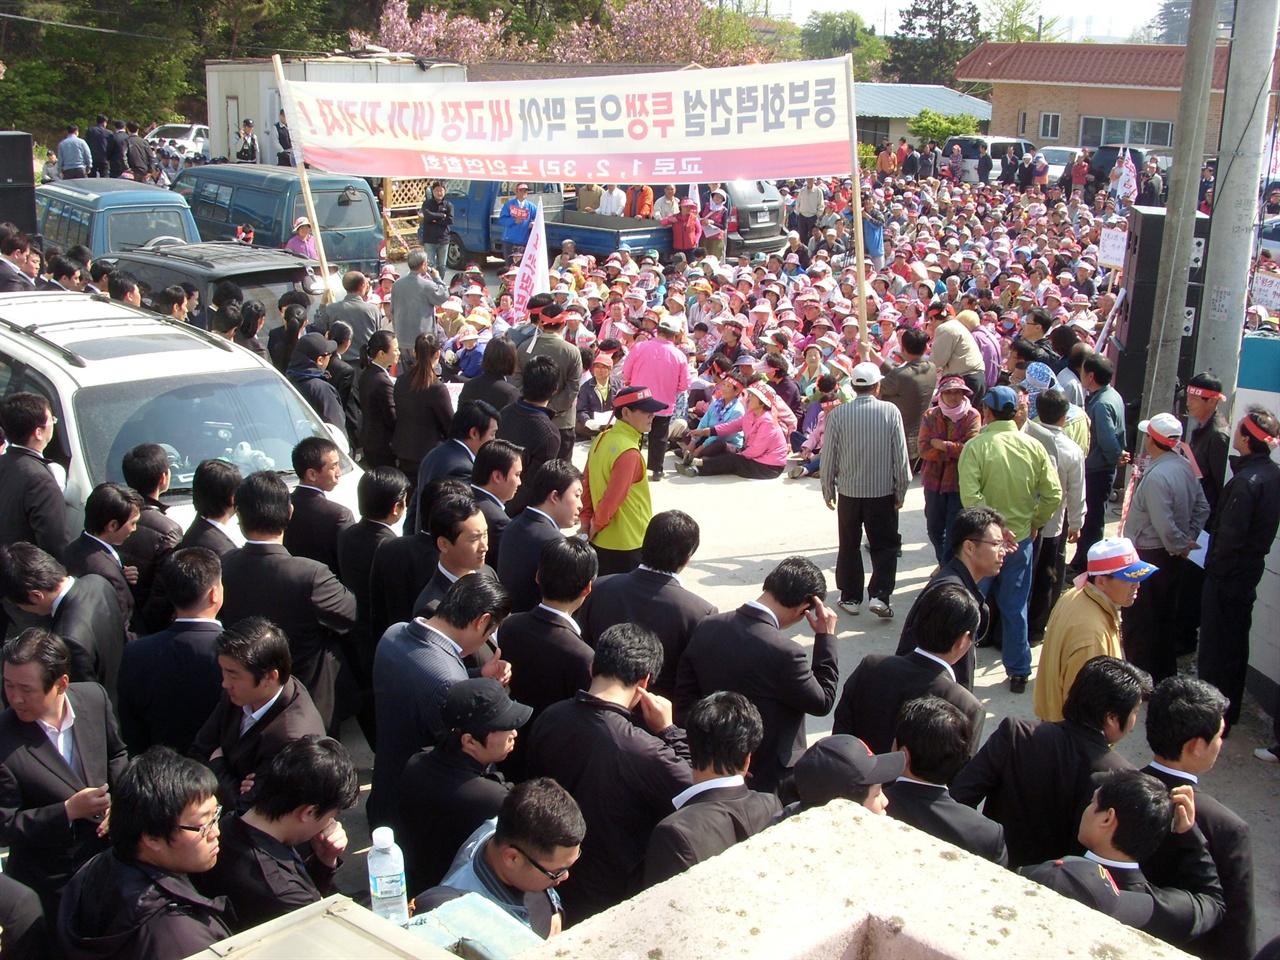 2010년 5월 12일 주민설명회 장 모습 동부건설 측이 고용한 용역들이 주민들의 출입을 막고 있는 모습.(당진환경운동연합 제공)